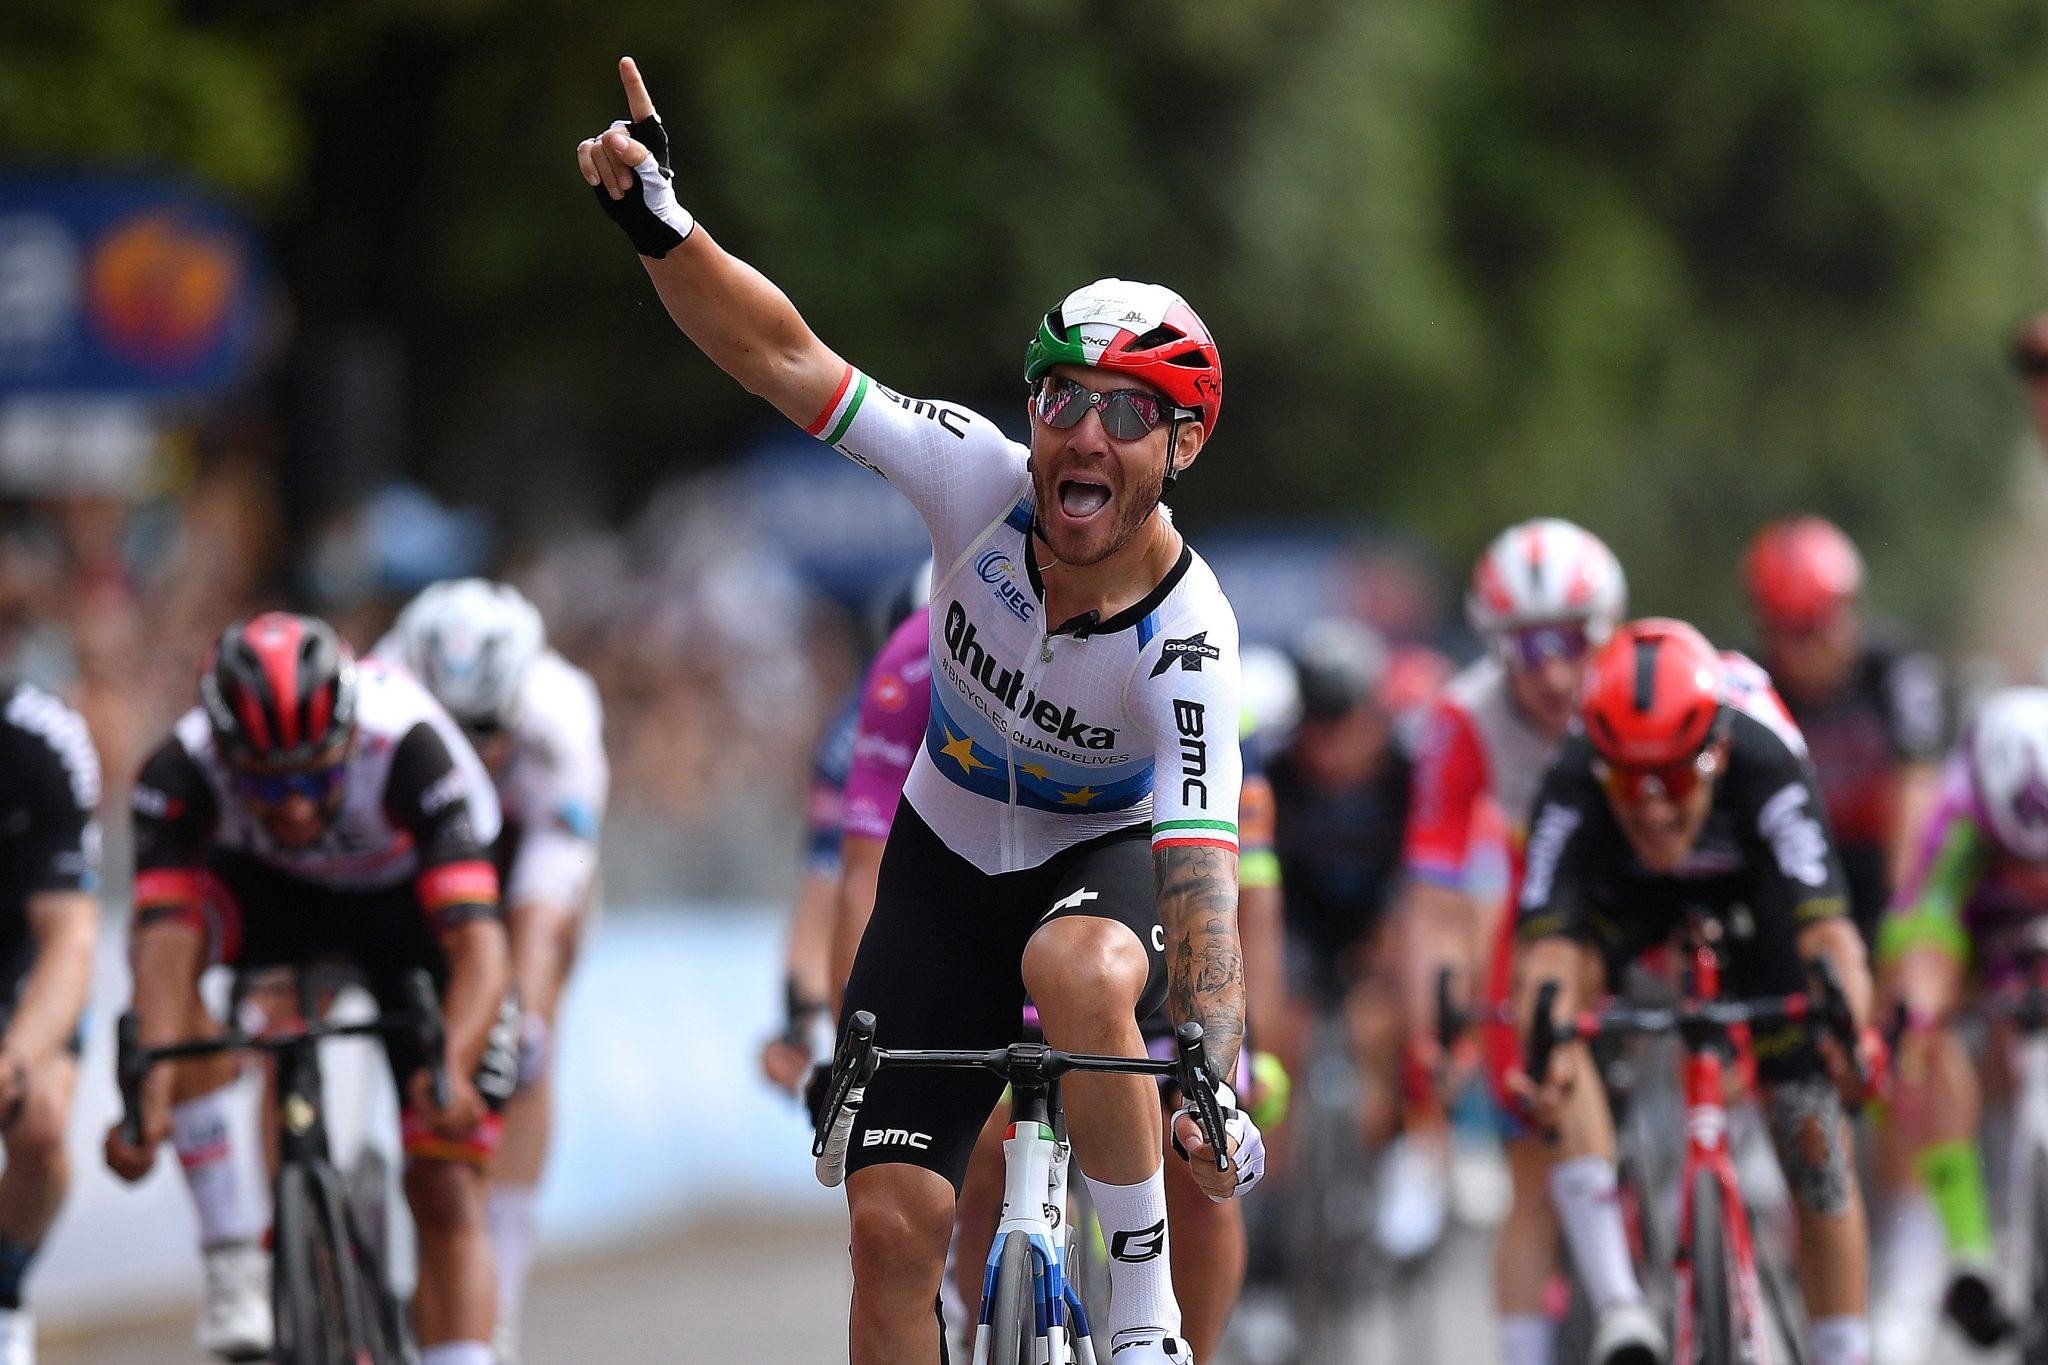 Giacomo Nizzolo remporte la 13e étape du Giro d'Italia